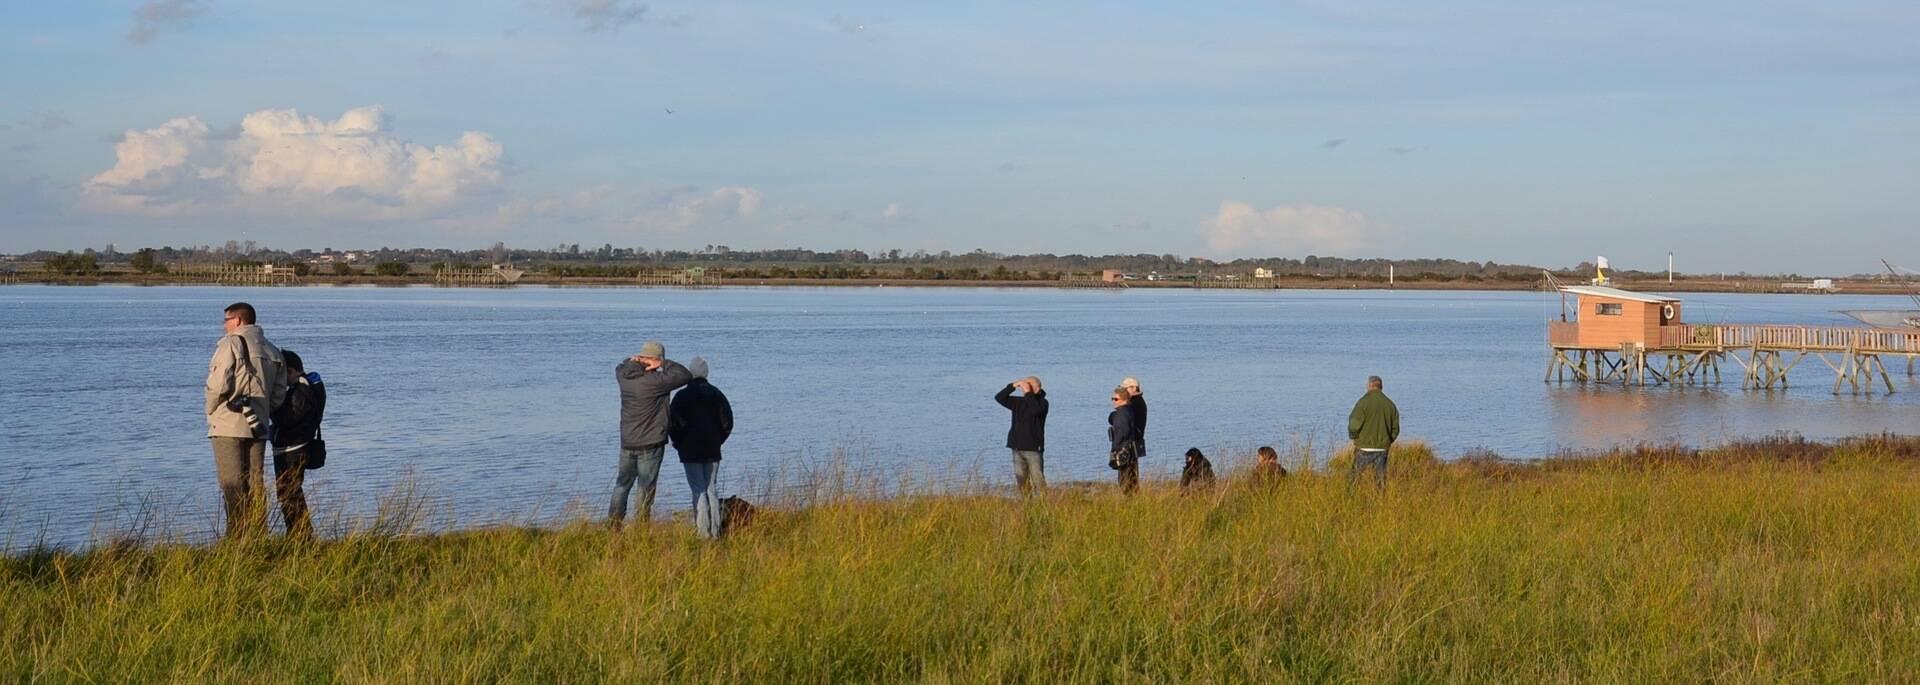 Promeneurs sur l'estuaire de la Charente - © Samuel Courtois